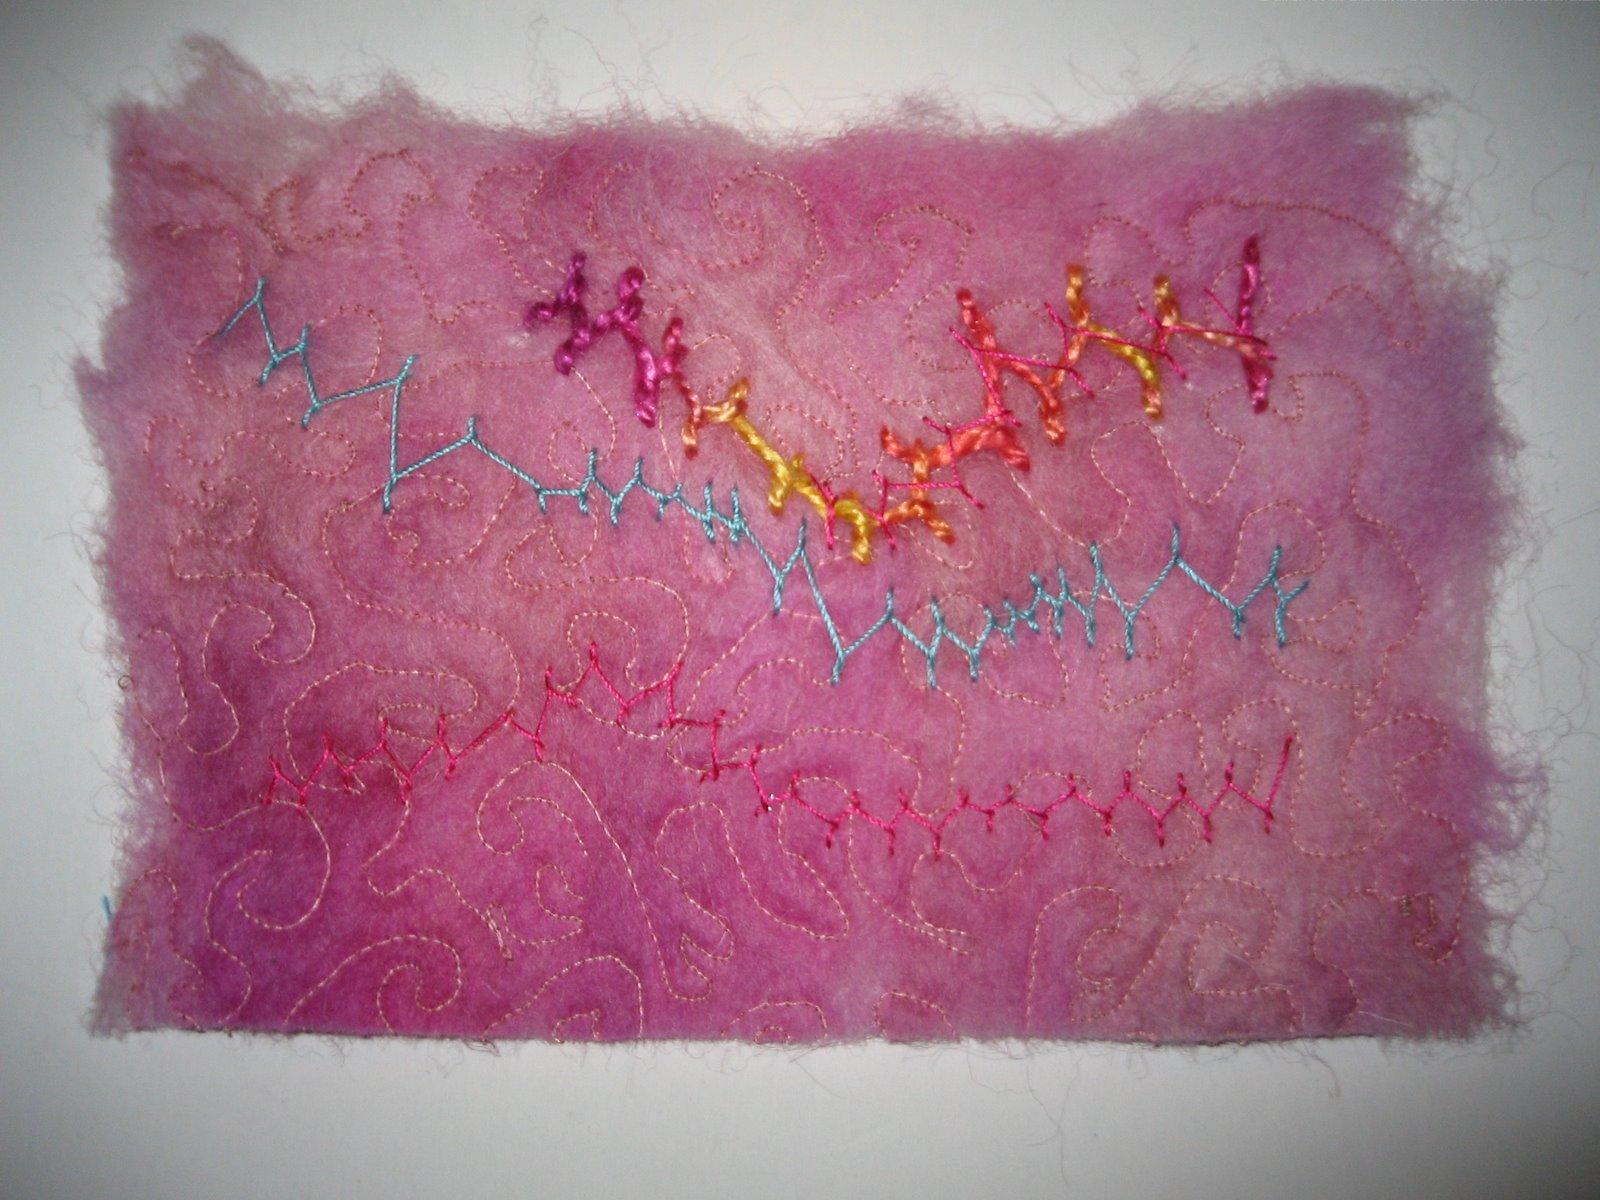 [stitch+sampler]